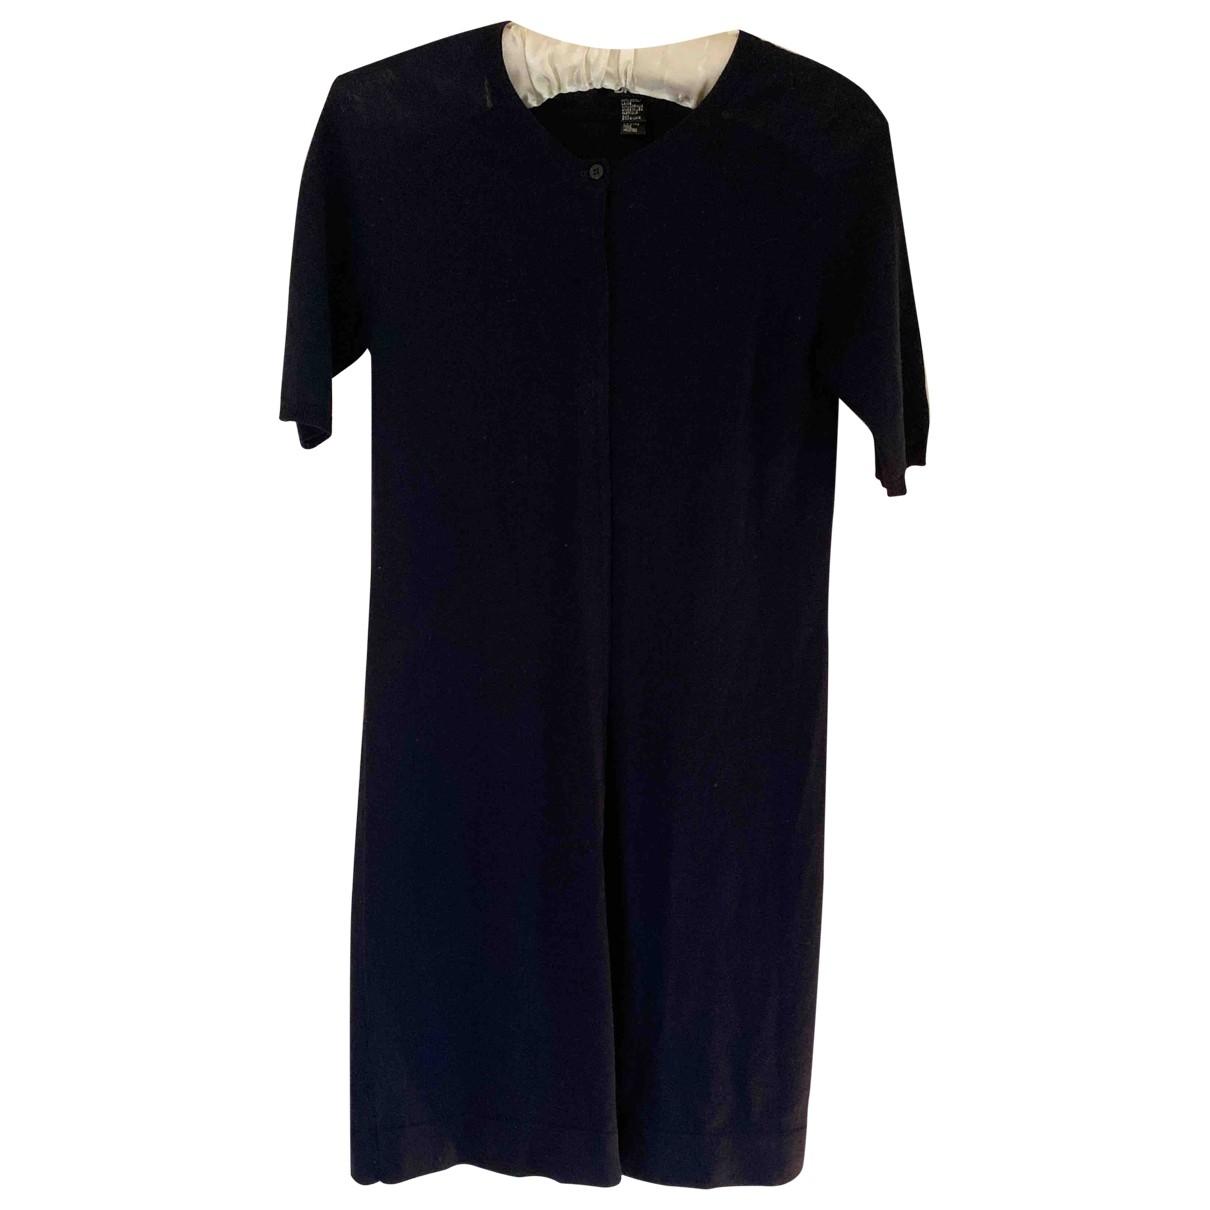 Dkny \N Navy Wool Knitwear for Women S International